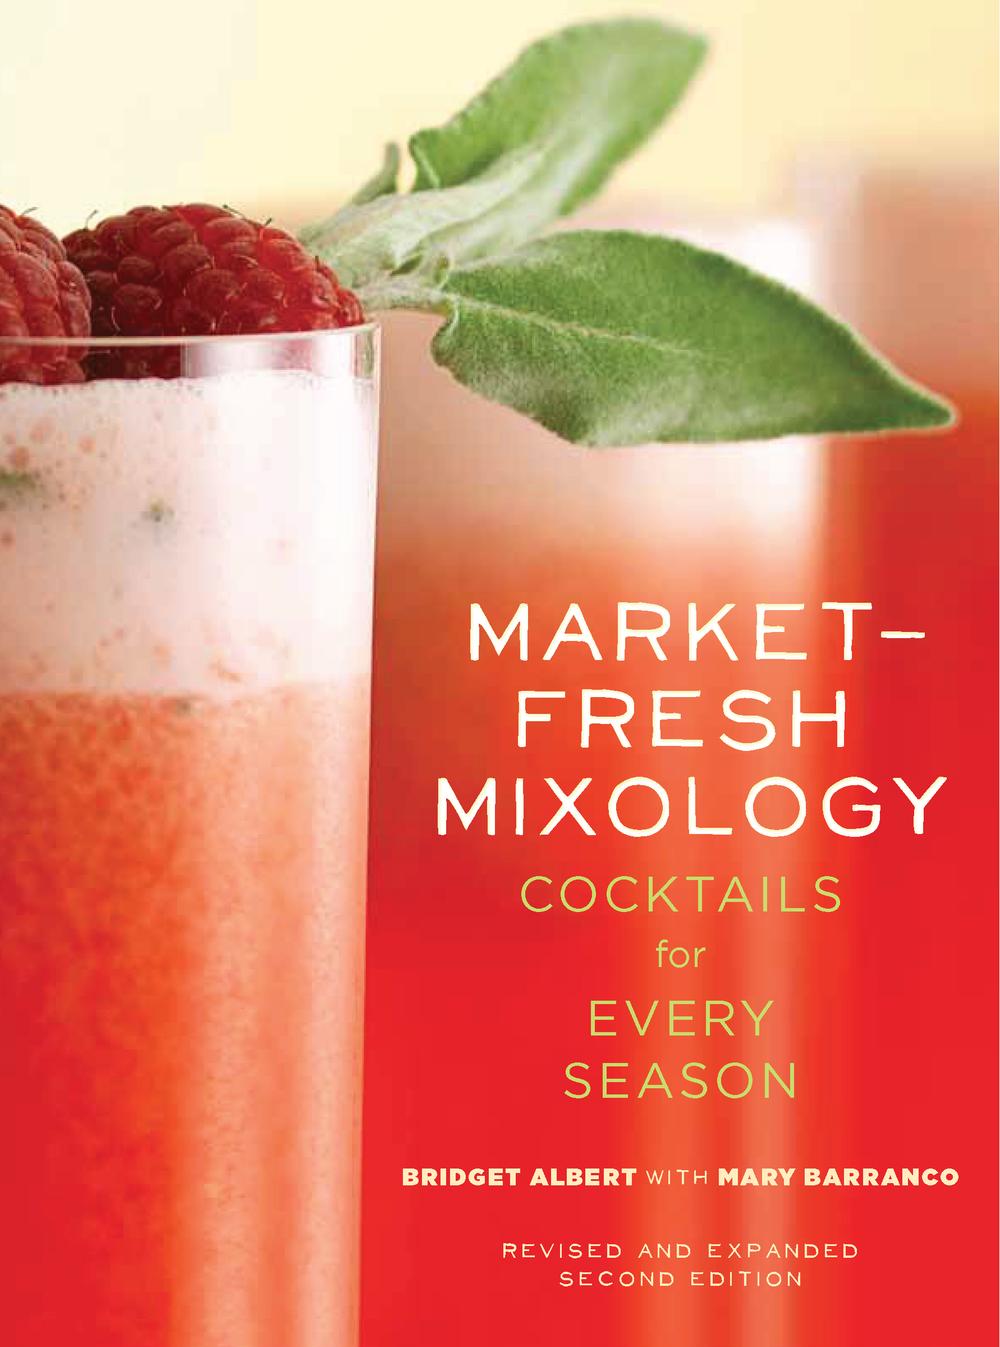 Market-Fresh Mixology_Page_01.png